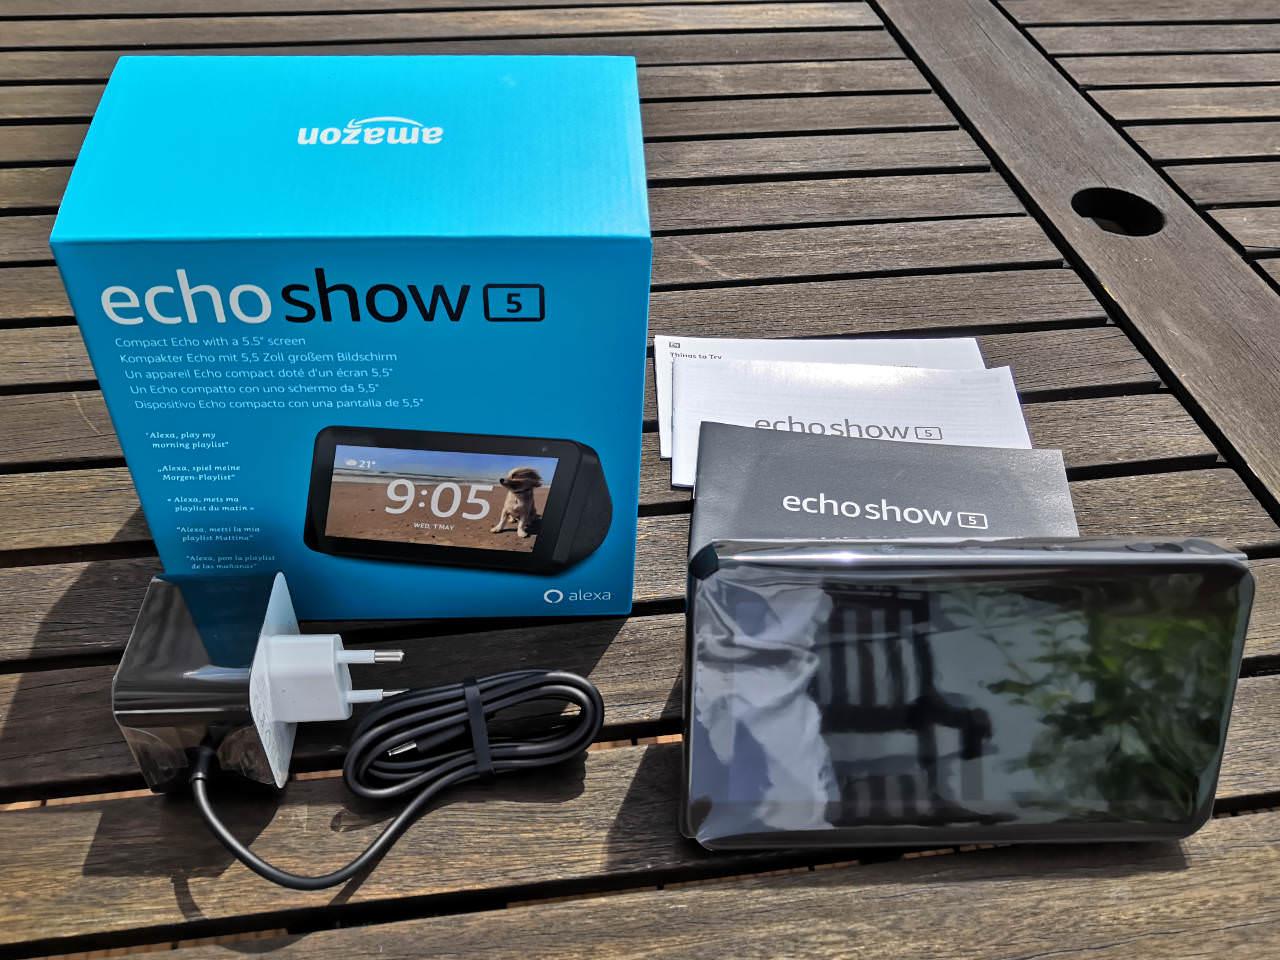 Test Amazon Echo Show 5 Alexa Mit Bildschirm Zum Kleinen Preis Ausprobiert Katzeausdemsack De